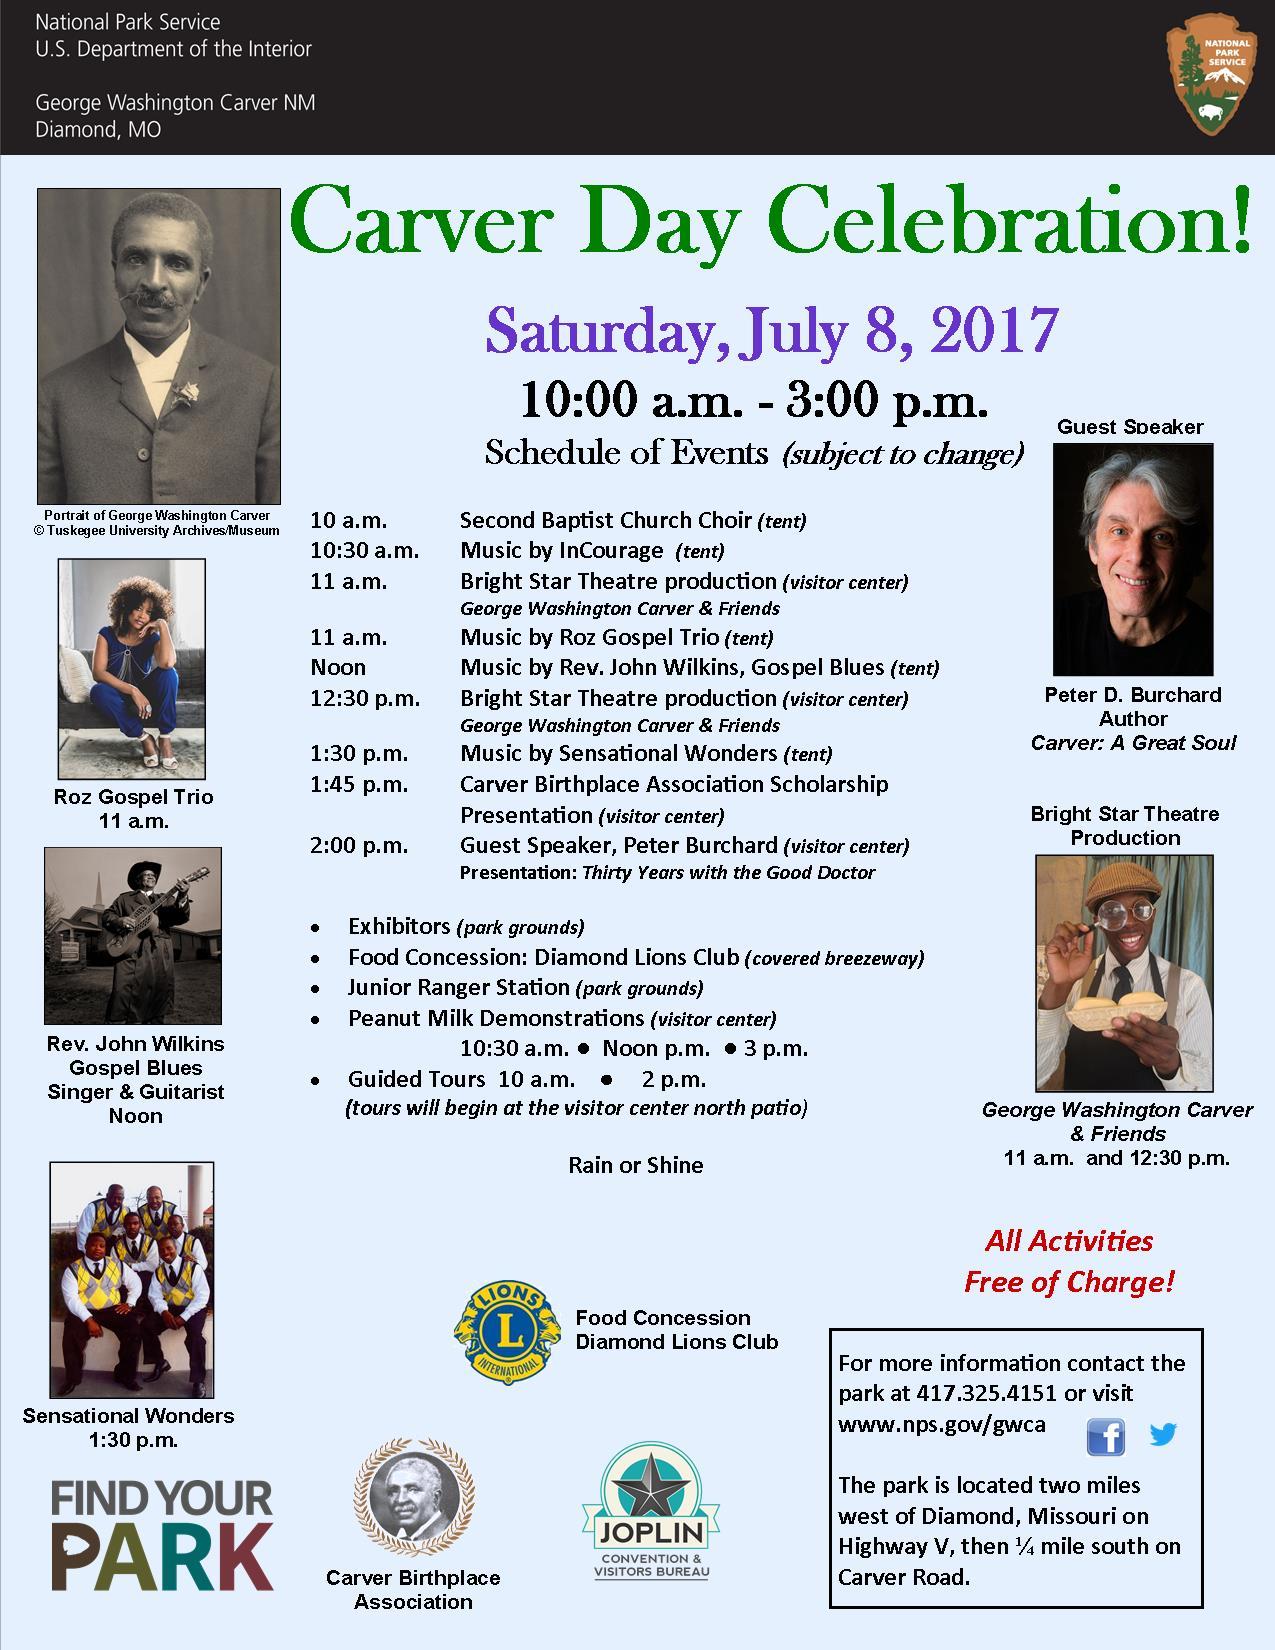 Carver Day